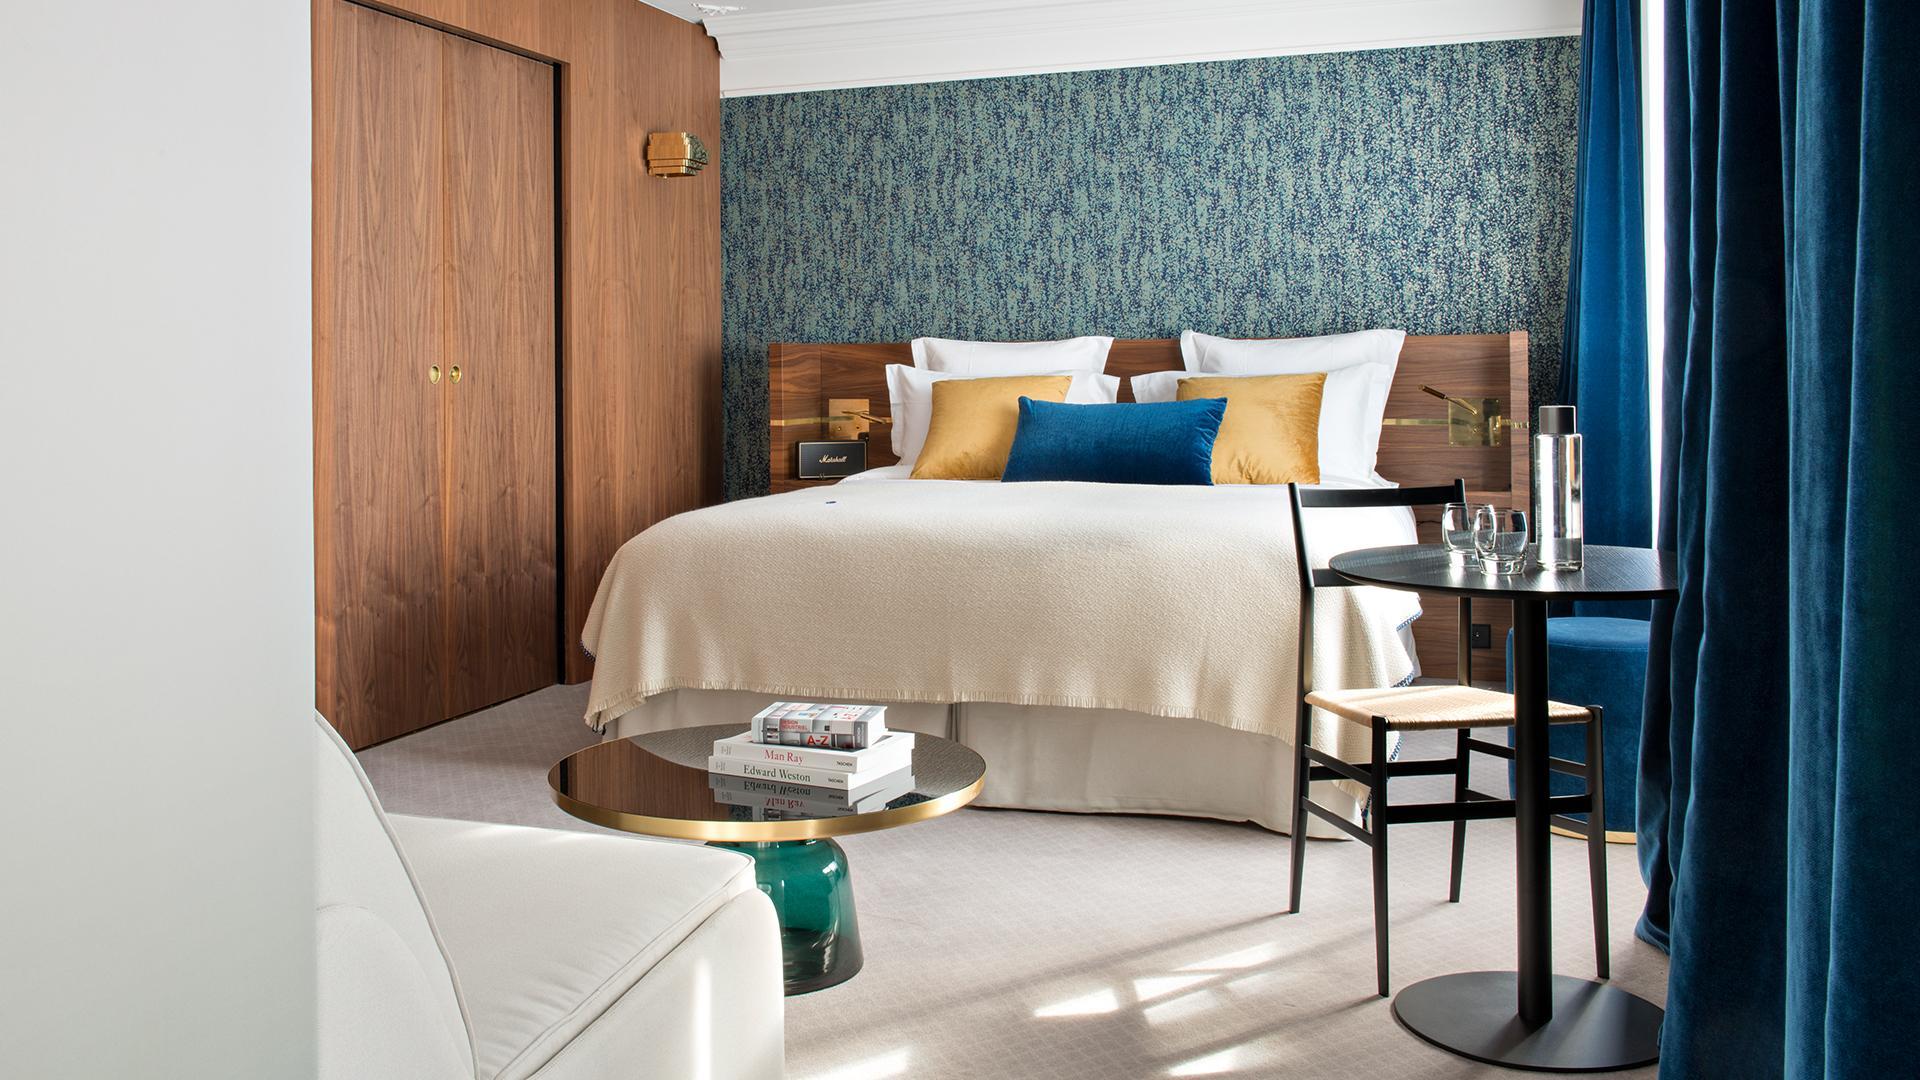 Junior Suite image 1 at Hotel Parister by Arrondissement de Paris, Île-de-France, France